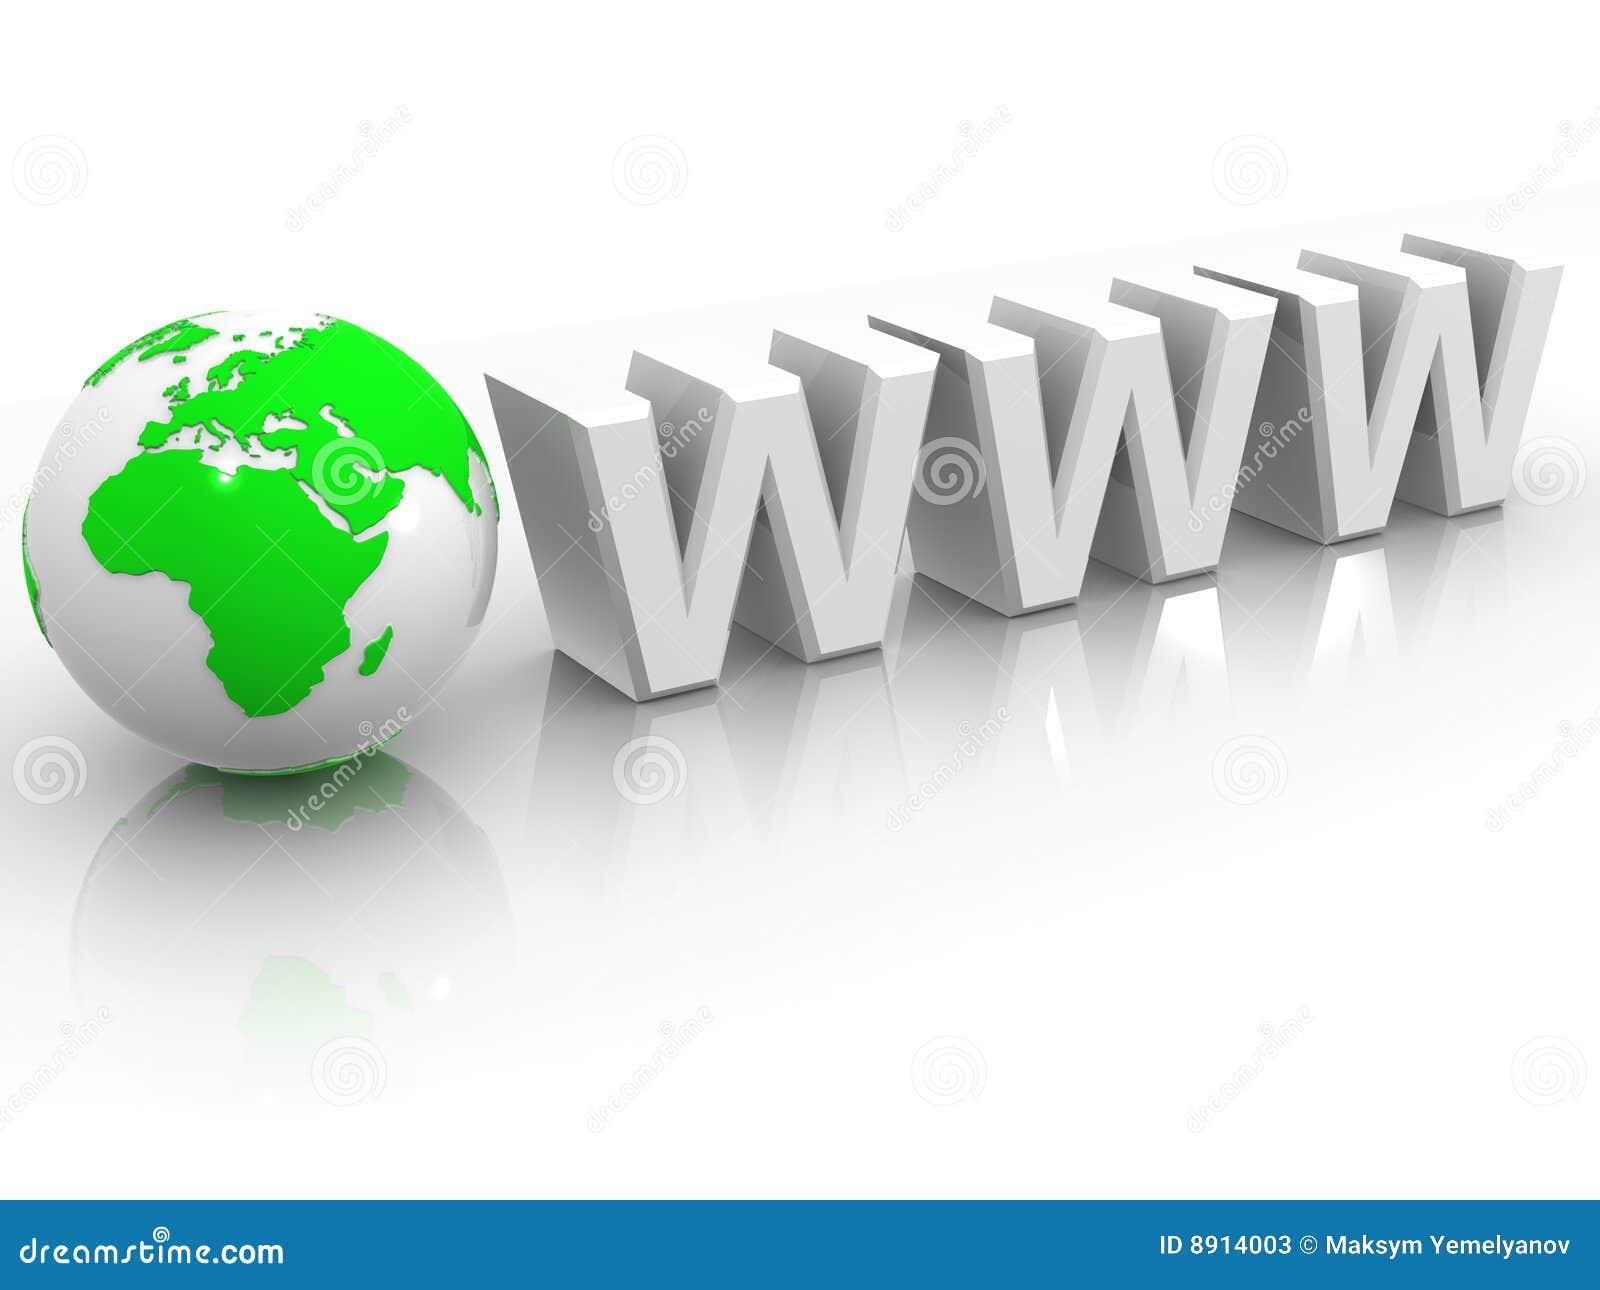 Texto WWW con tierra